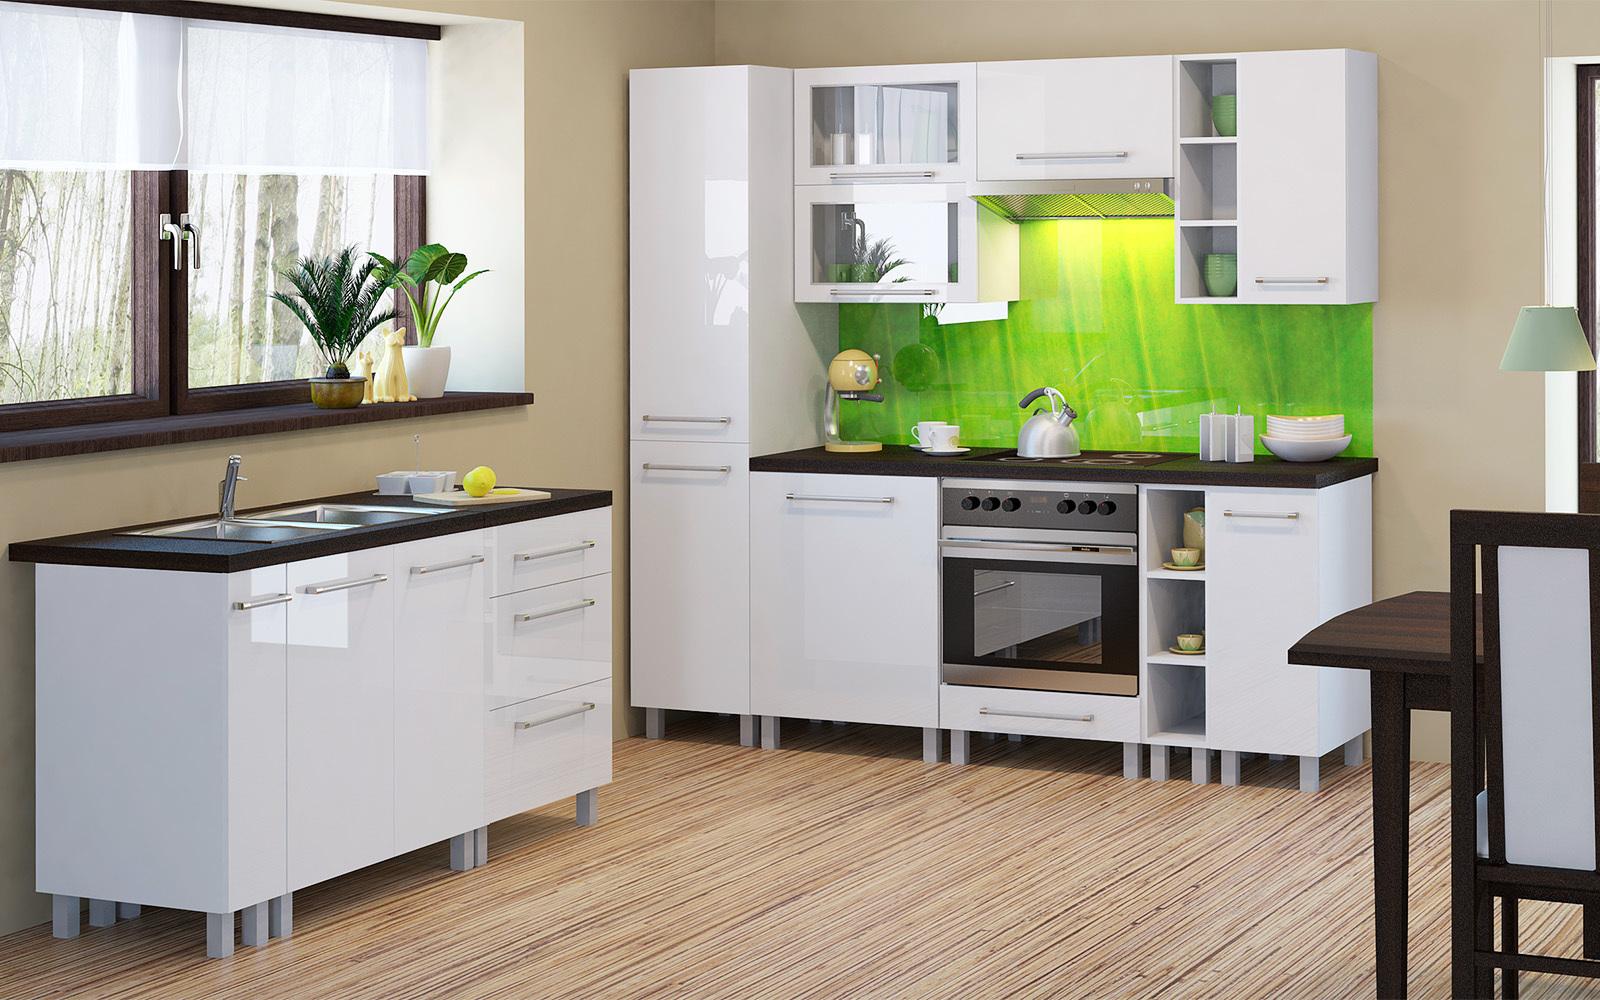 loara unterschrank f r backofen 60 cm breit holz hochglanz wei. Black Bedroom Furniture Sets. Home Design Ideas